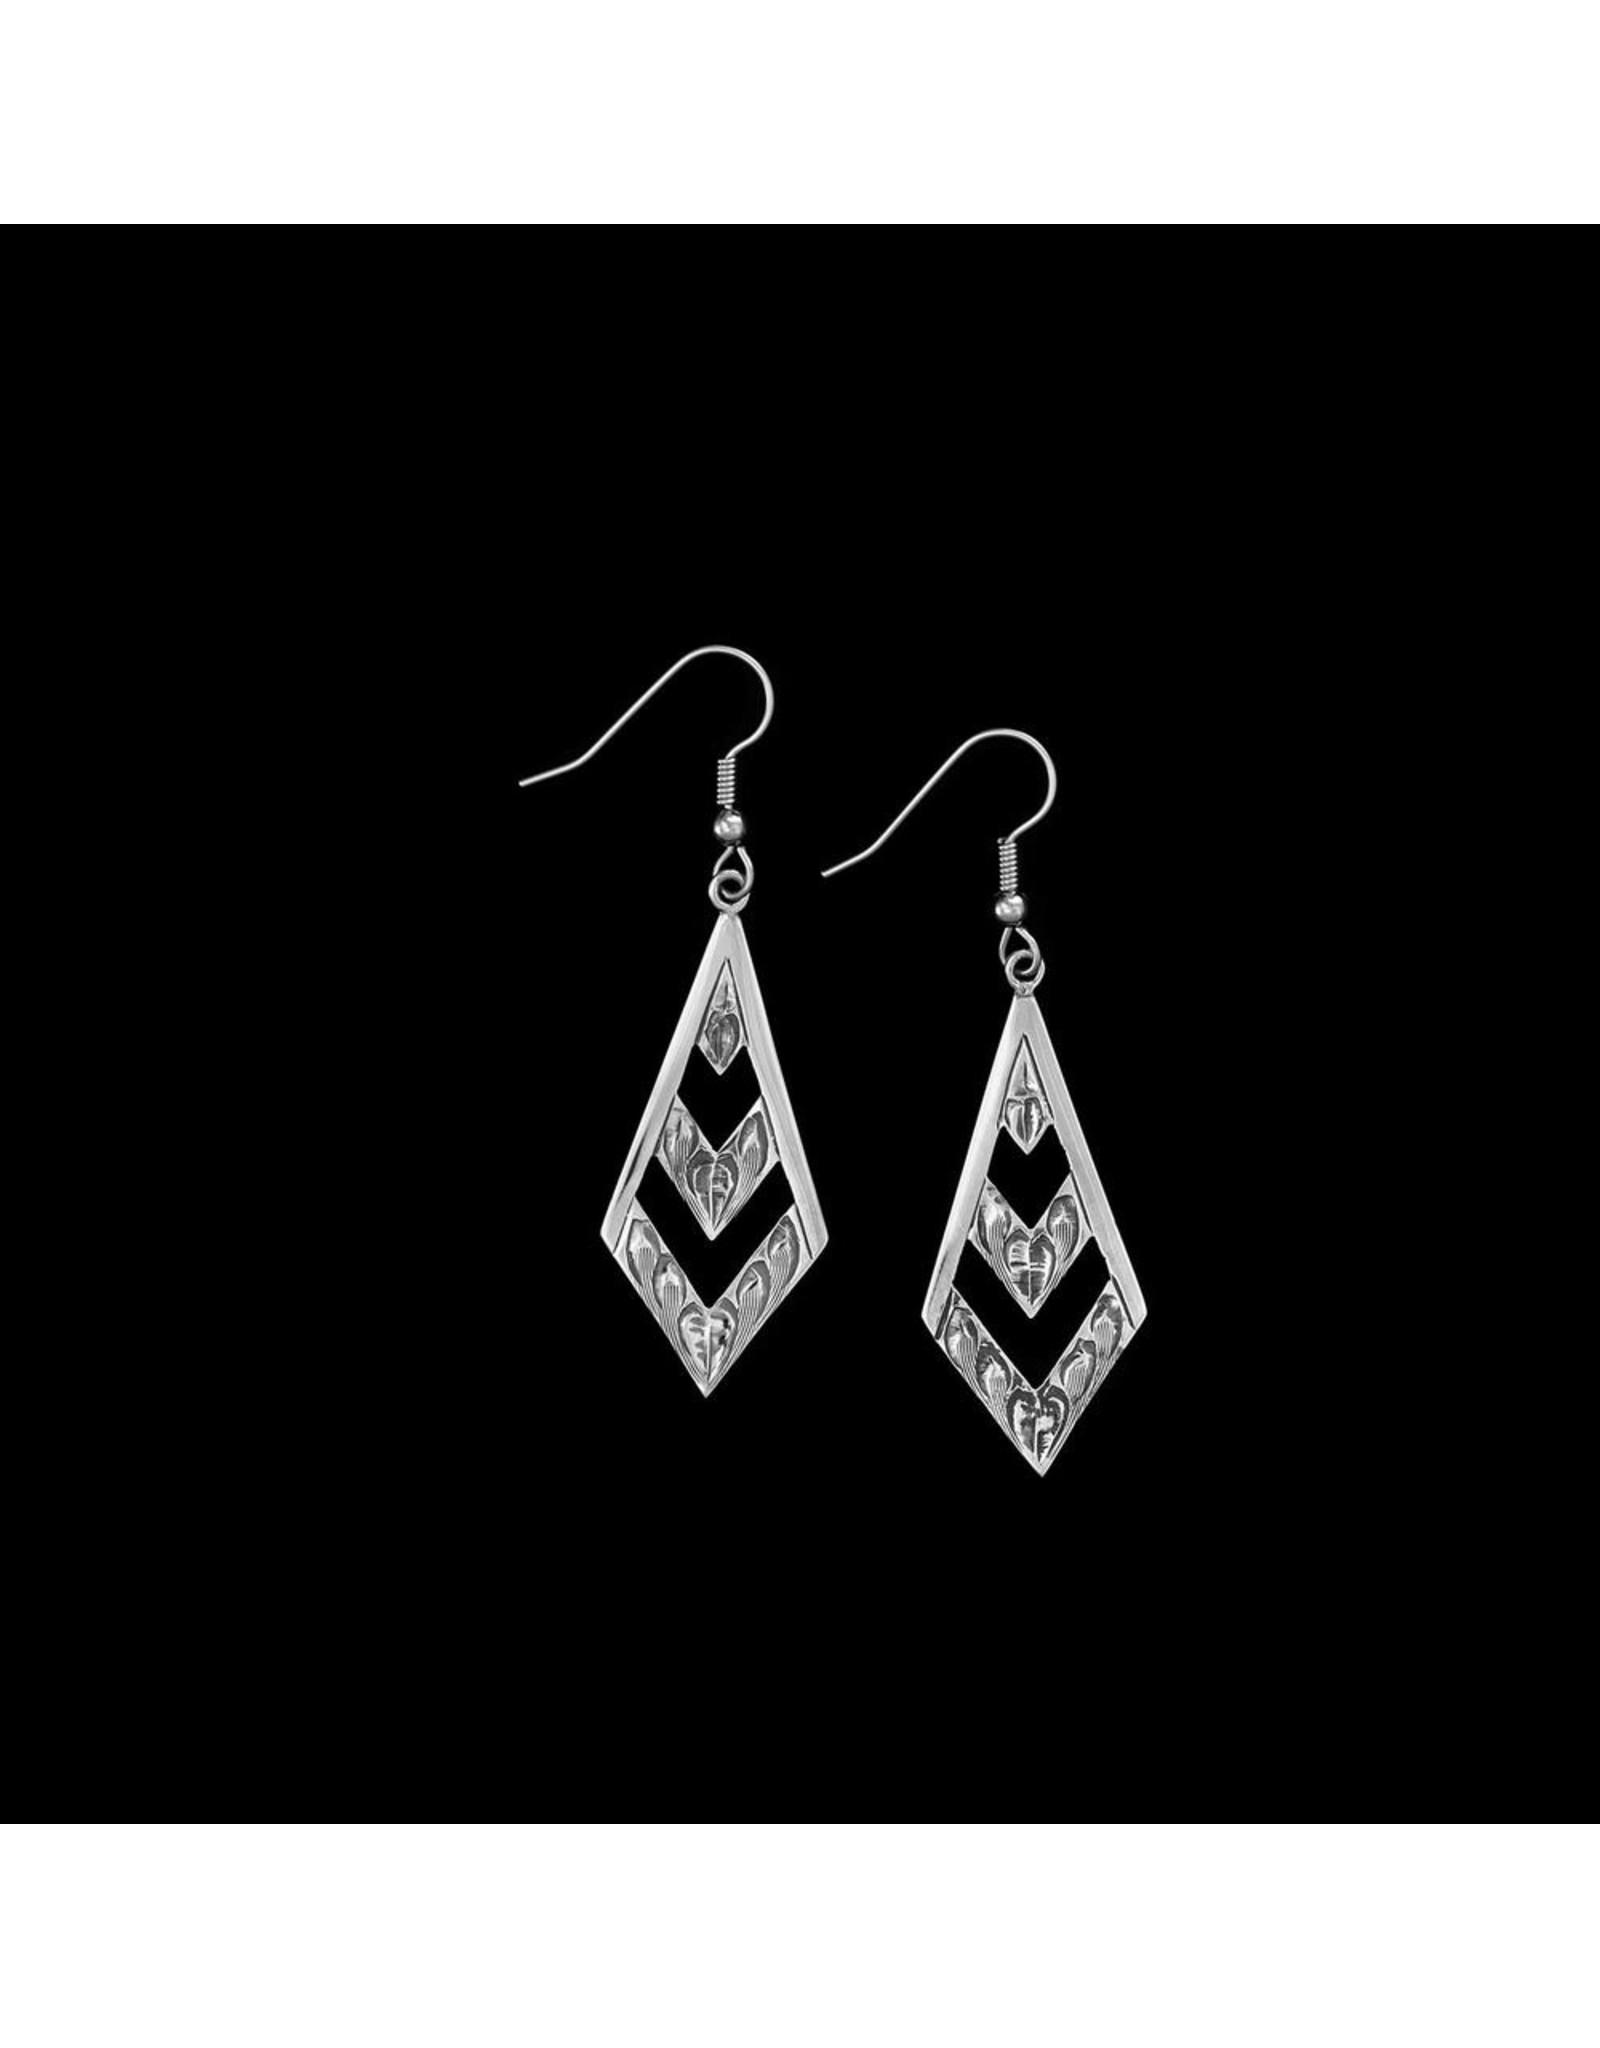 The Navajo Brave Earrings